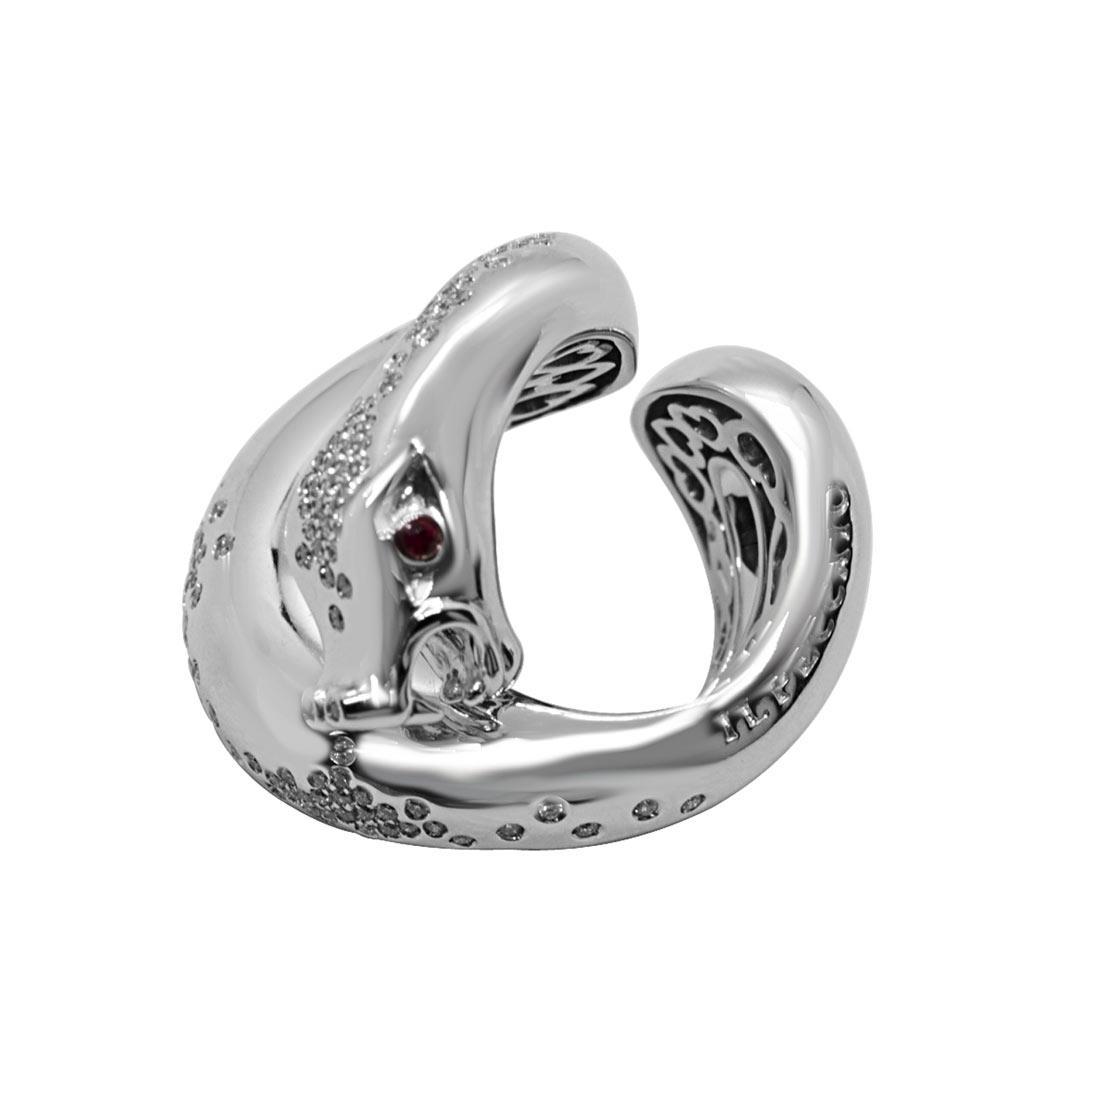 Anello in oro bianco design serpente con rubino e diamanti mis 10 - PASQUALE BRUNI